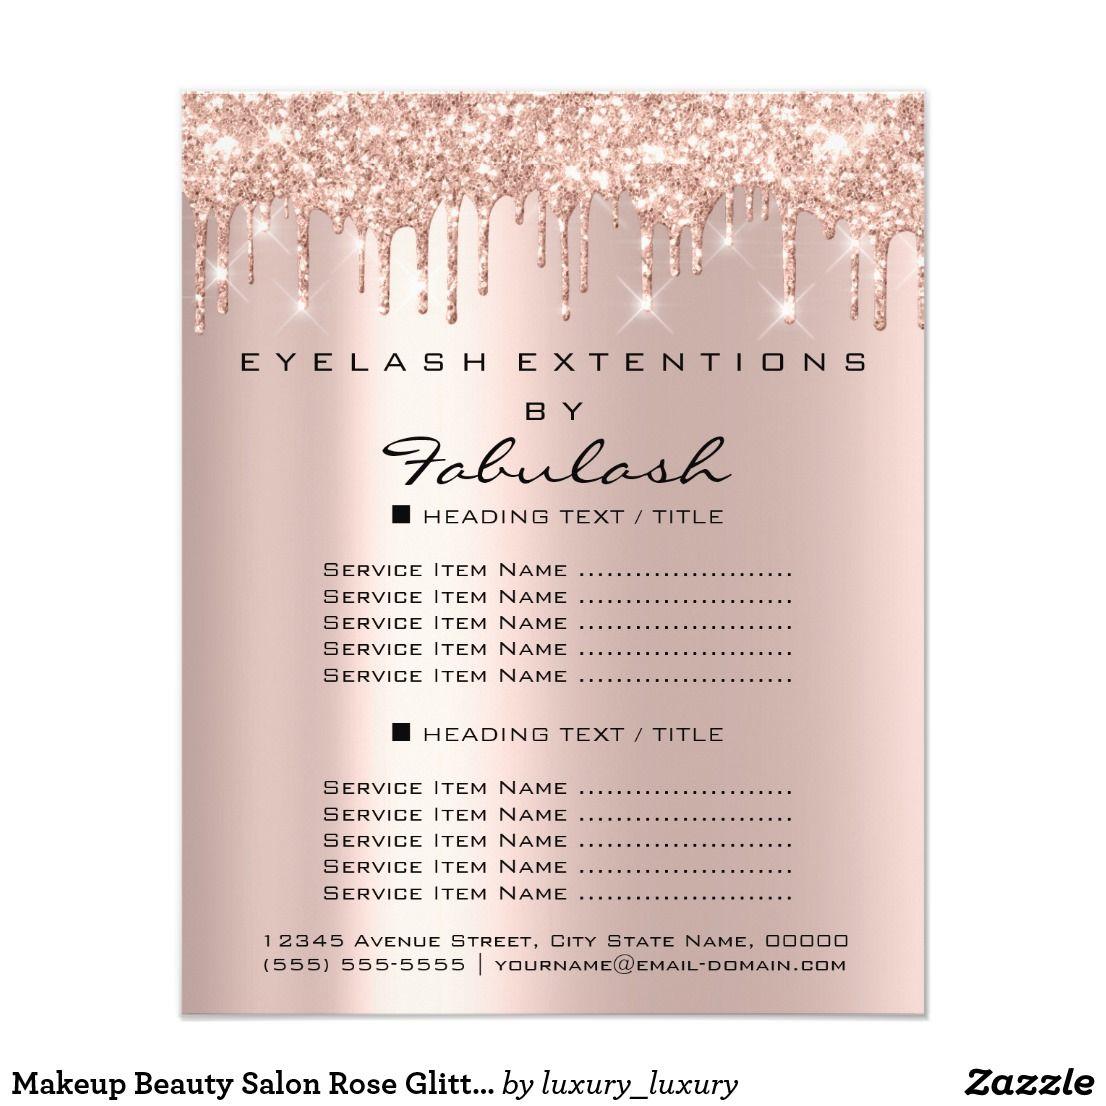 Makeup Beauty Salon Rose Glitter Flyer Spark Drips